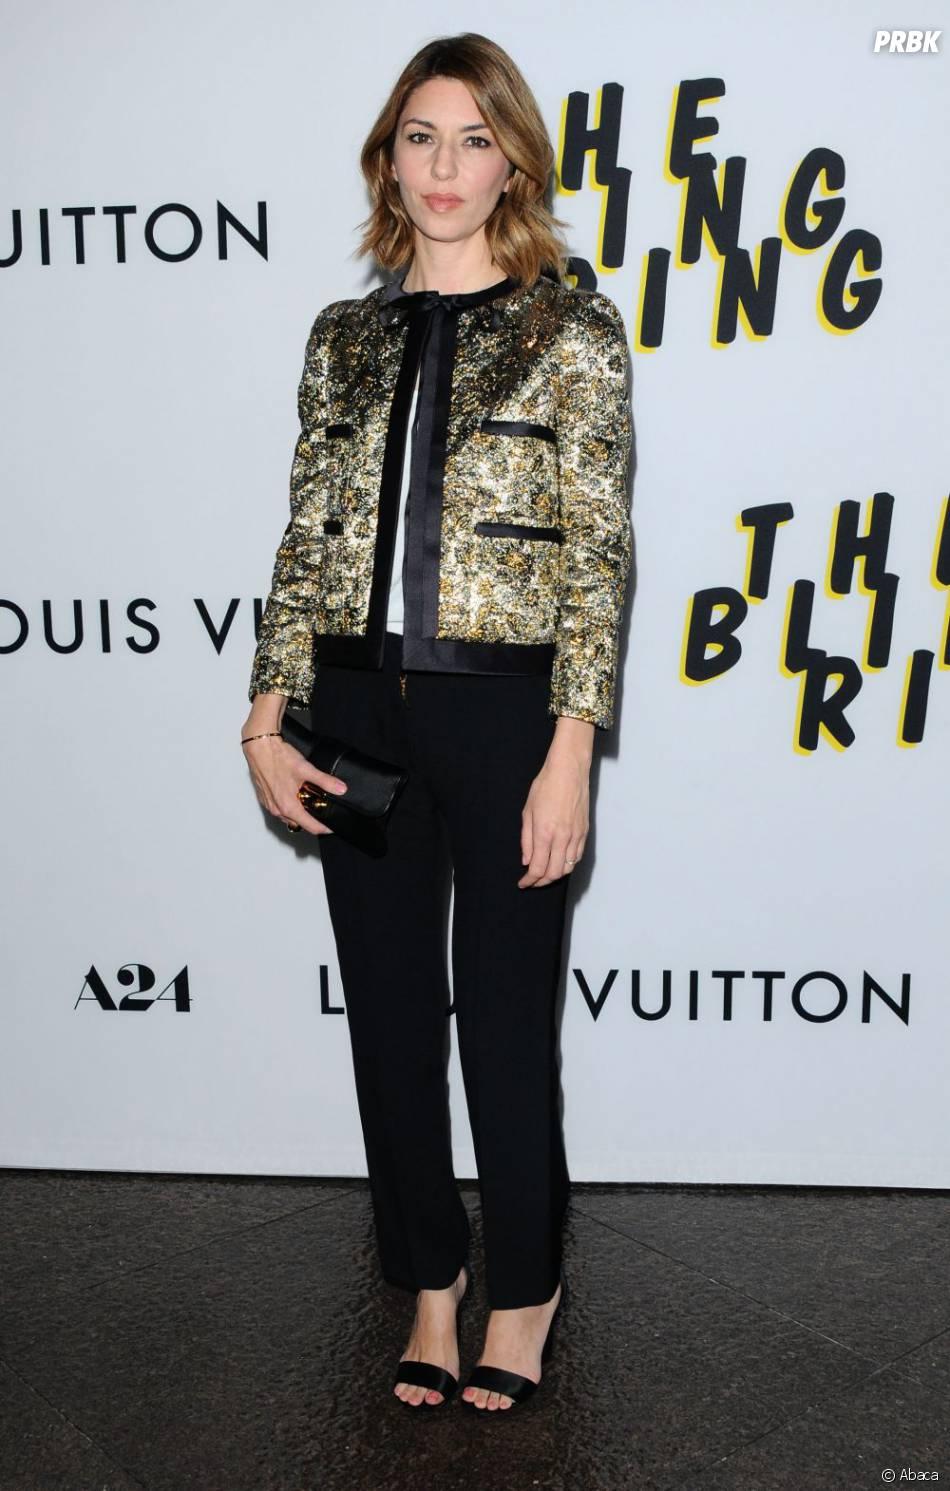 Sofia Coppola en solo à l'avant-première de The Bling Ring, mardi 4 juin 2013 à Los Angeles